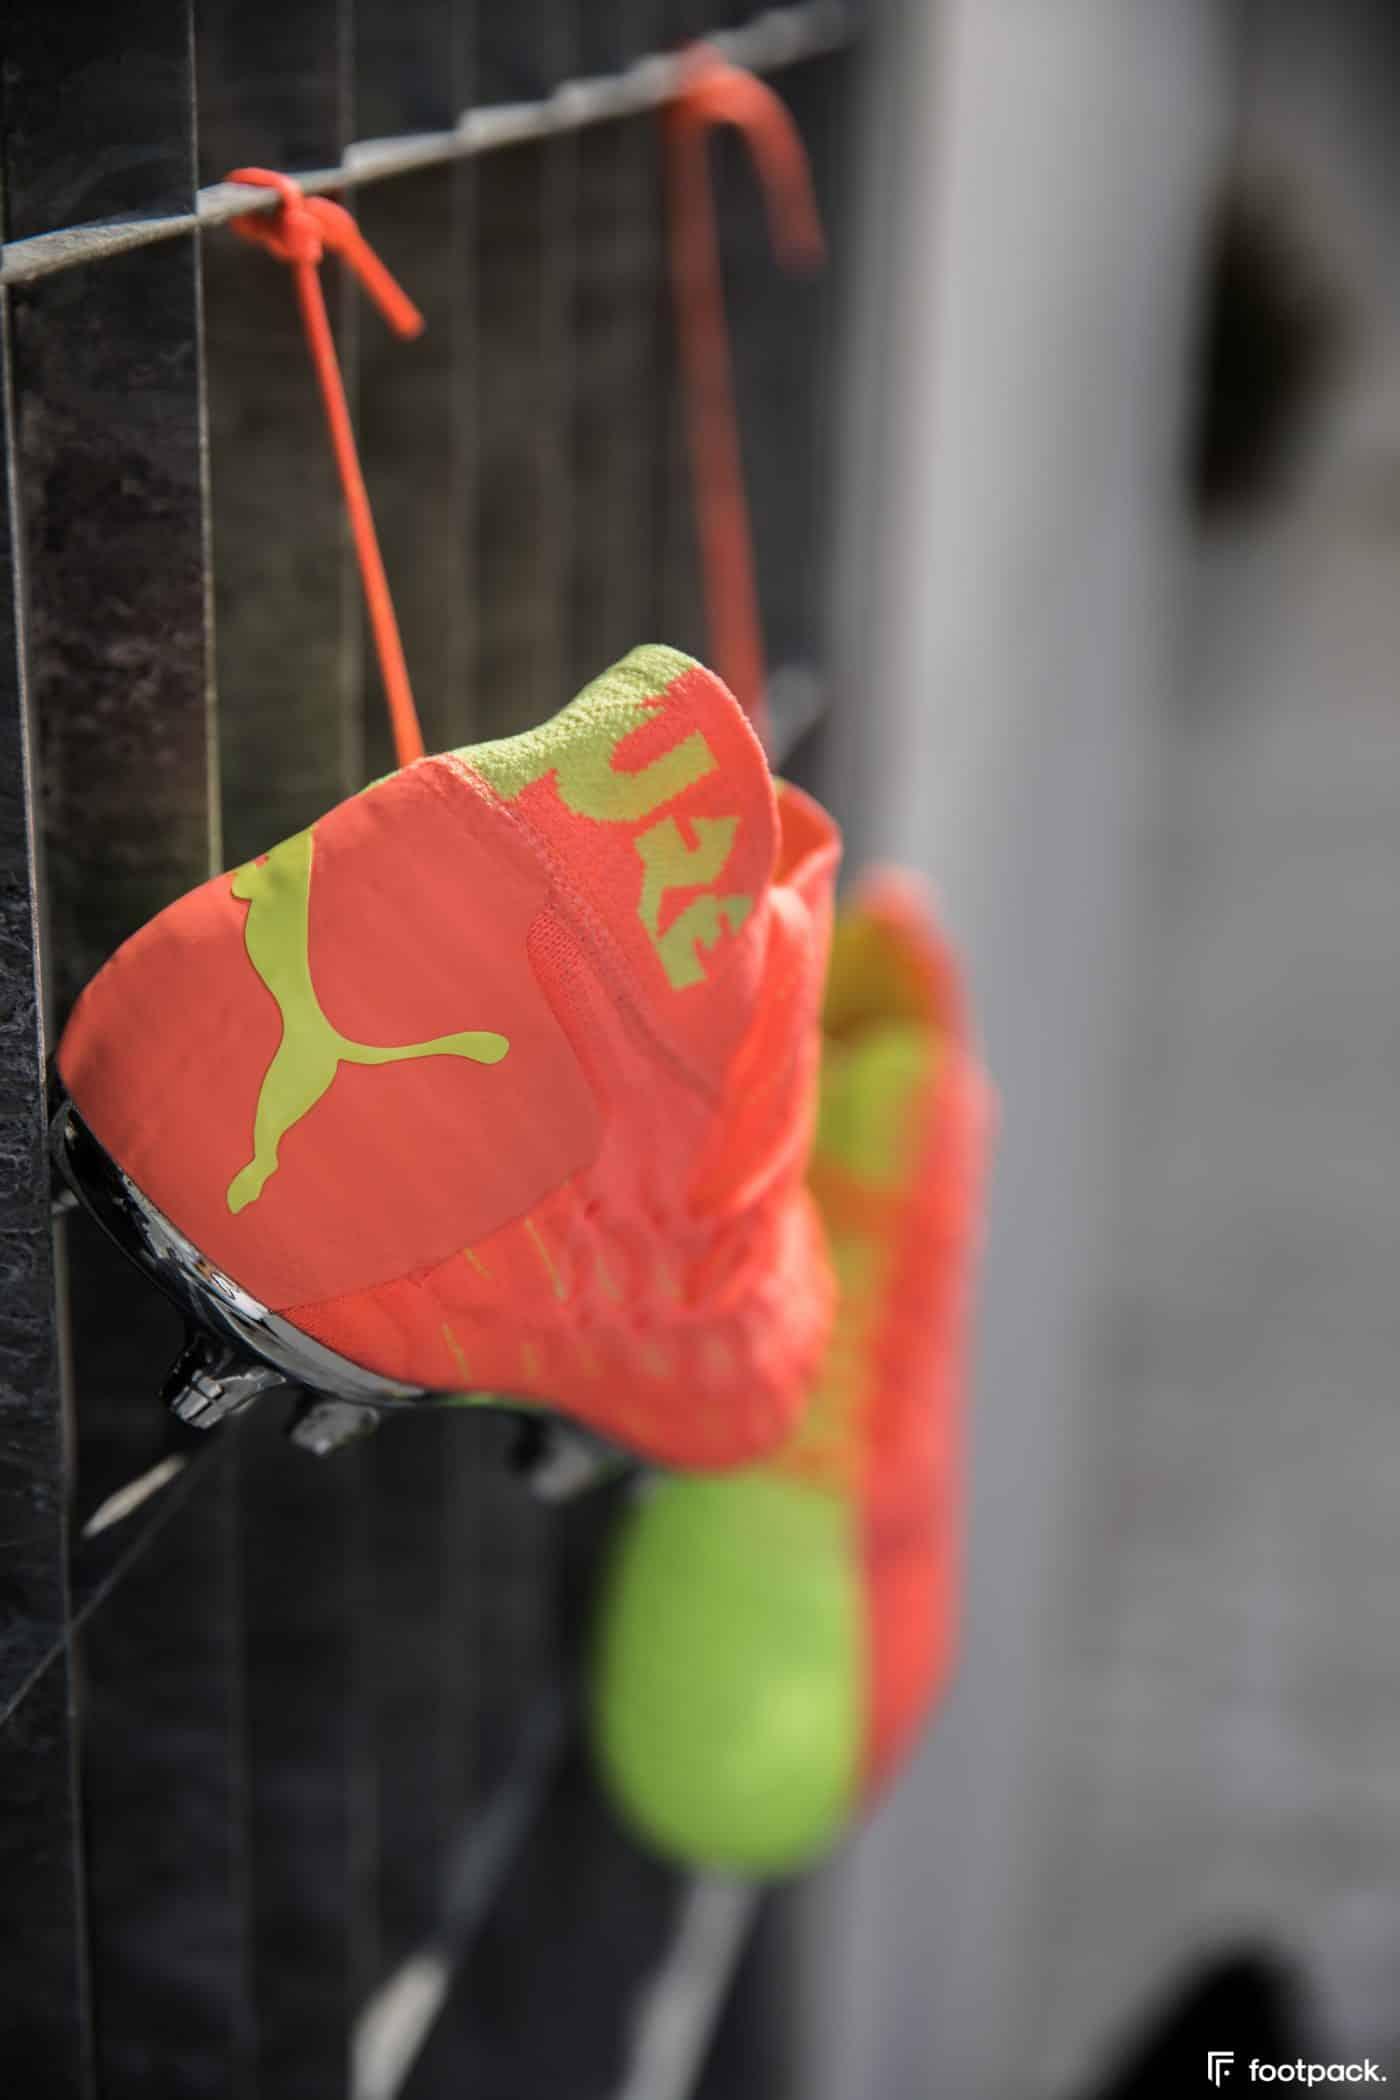 puma-future-5.1-rise-footpack-7